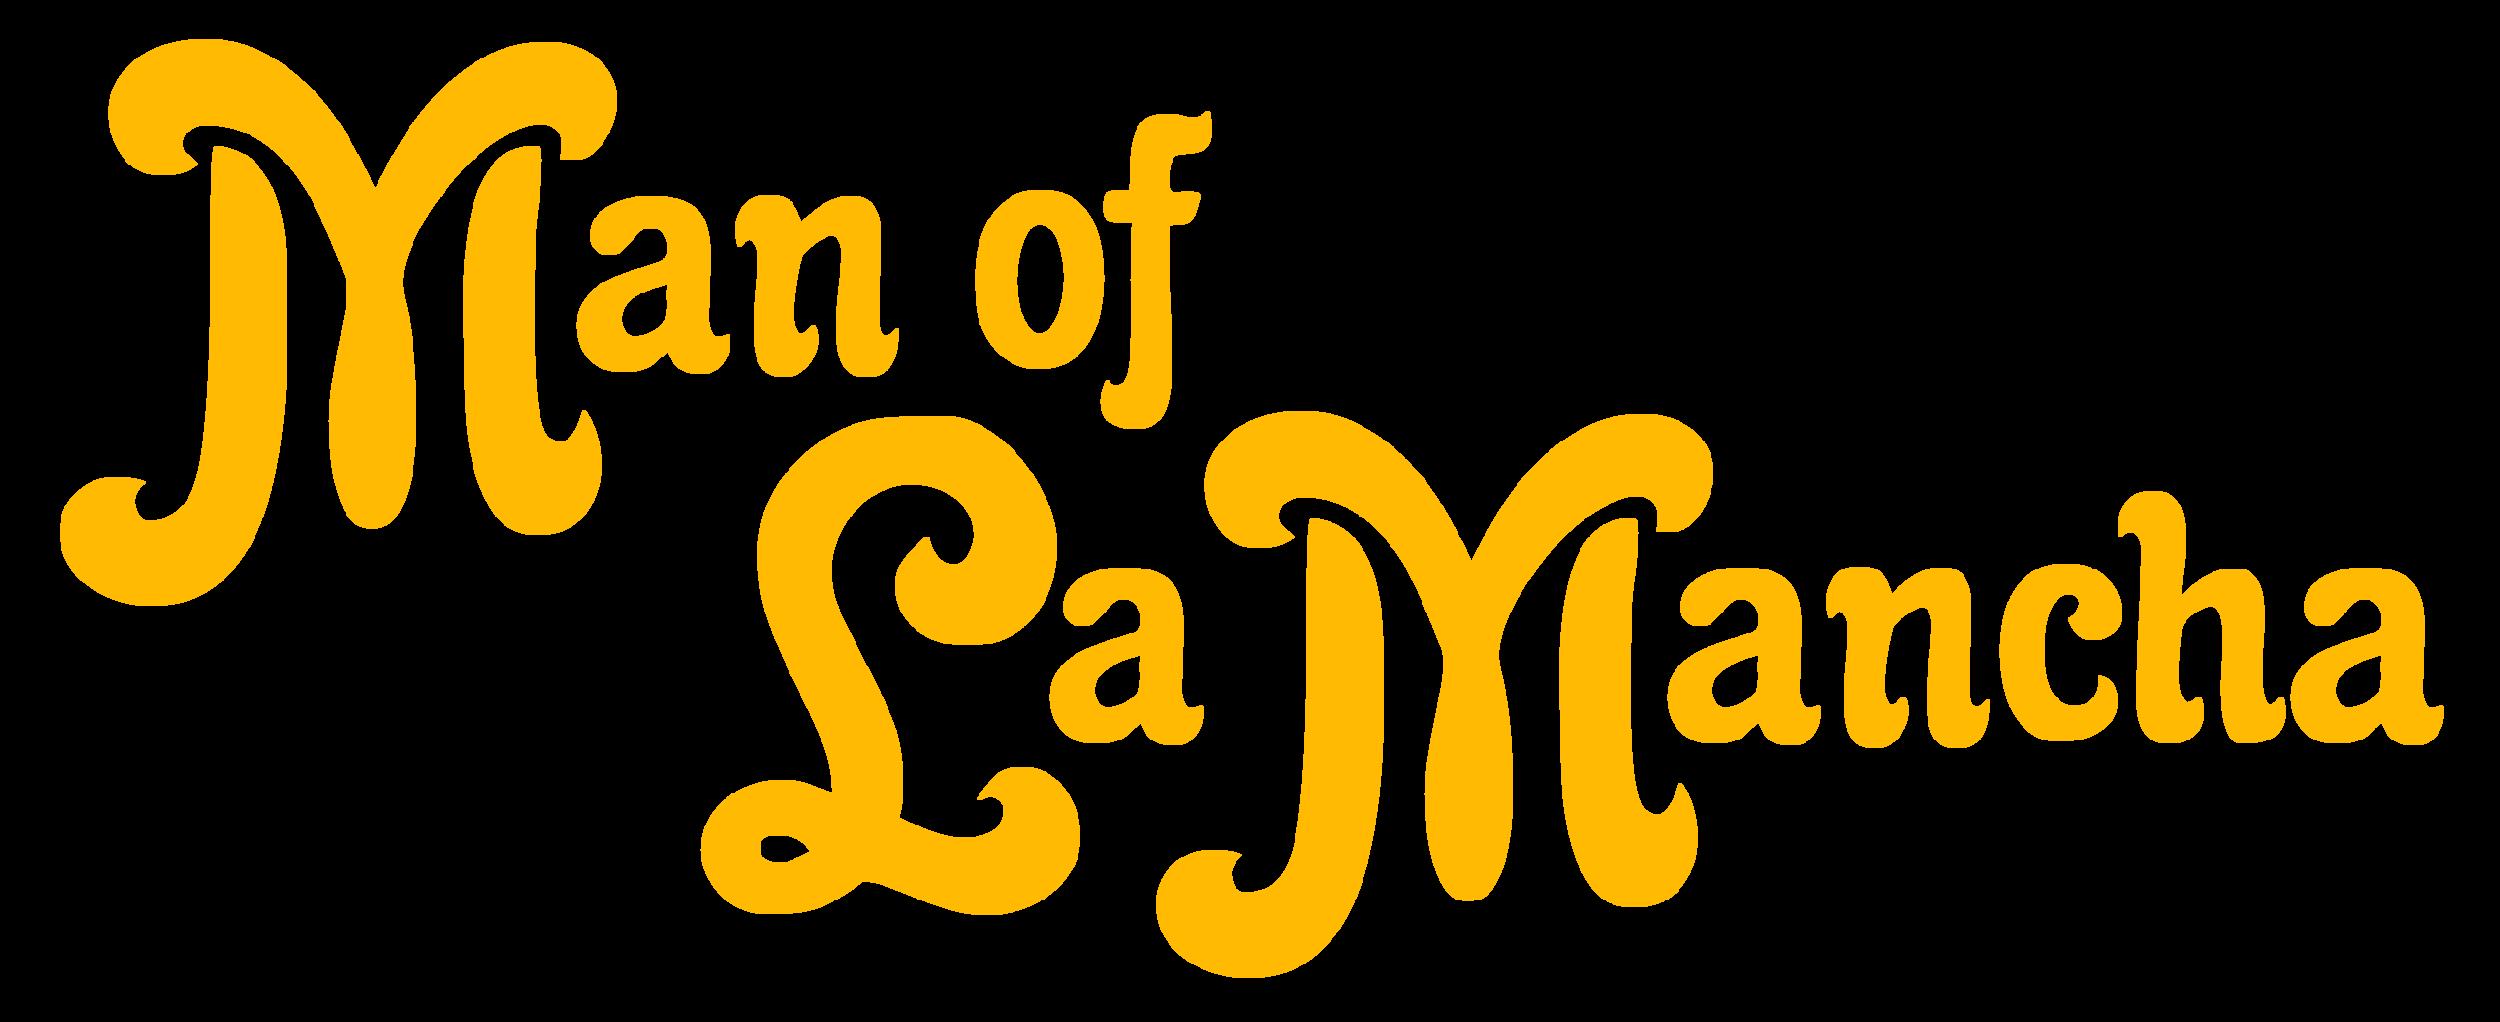 ManofLaMancha_final(title)-02.png